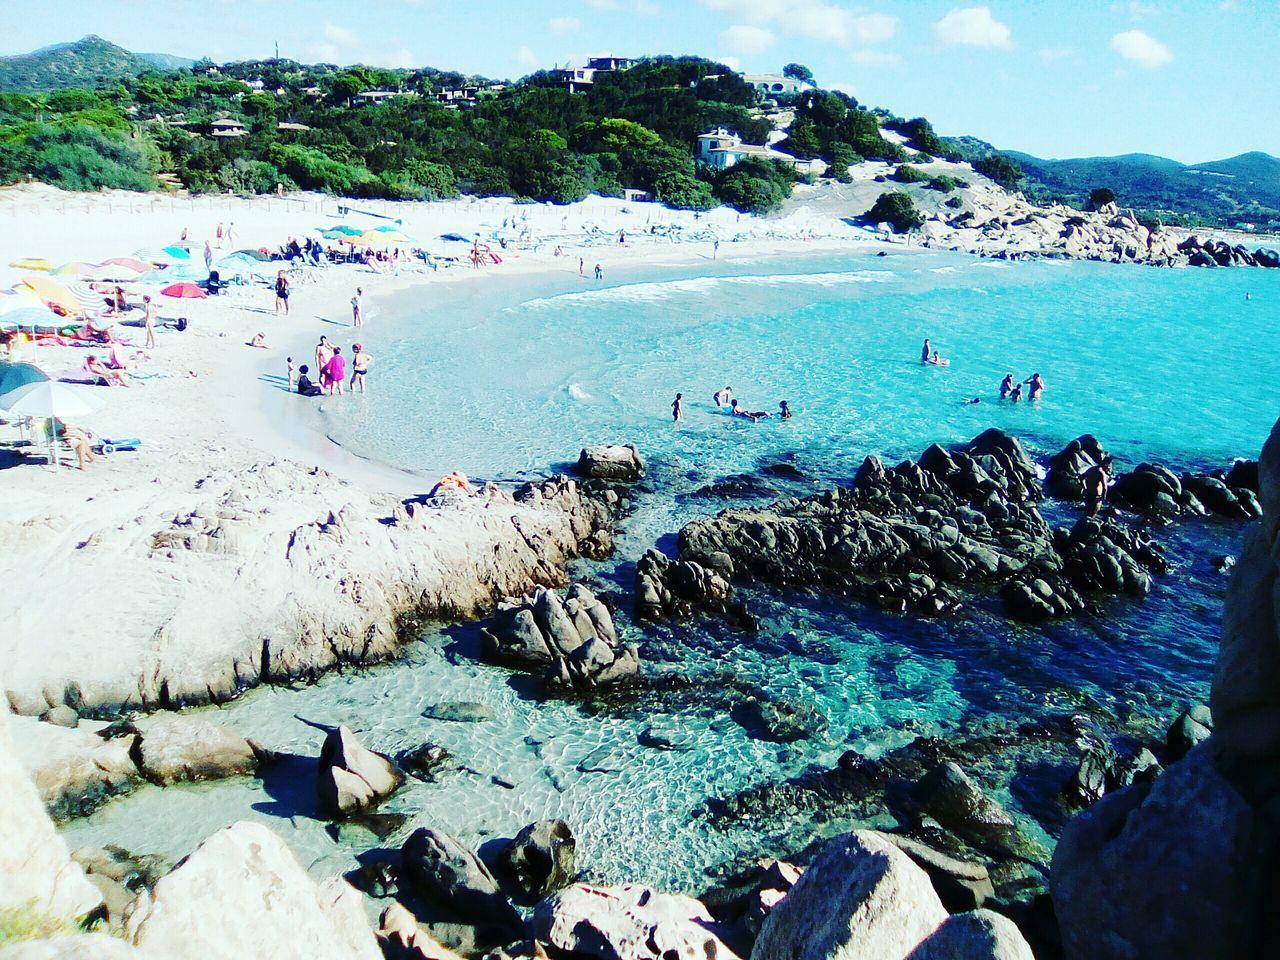 Spiaggia di Villasimius Sardegnaofficial Sardegna Sardinia Sardegna Italy  Sardinia Mare Estate2016 Cerdeña Beach Water Nature Ferragosto Verano Mar Summer Acquacristallina Relax Mare ❤ Amazing Playa Paradise Paraíso First Eyeem Photo Miles Away Miles Away EyeEmNewHere